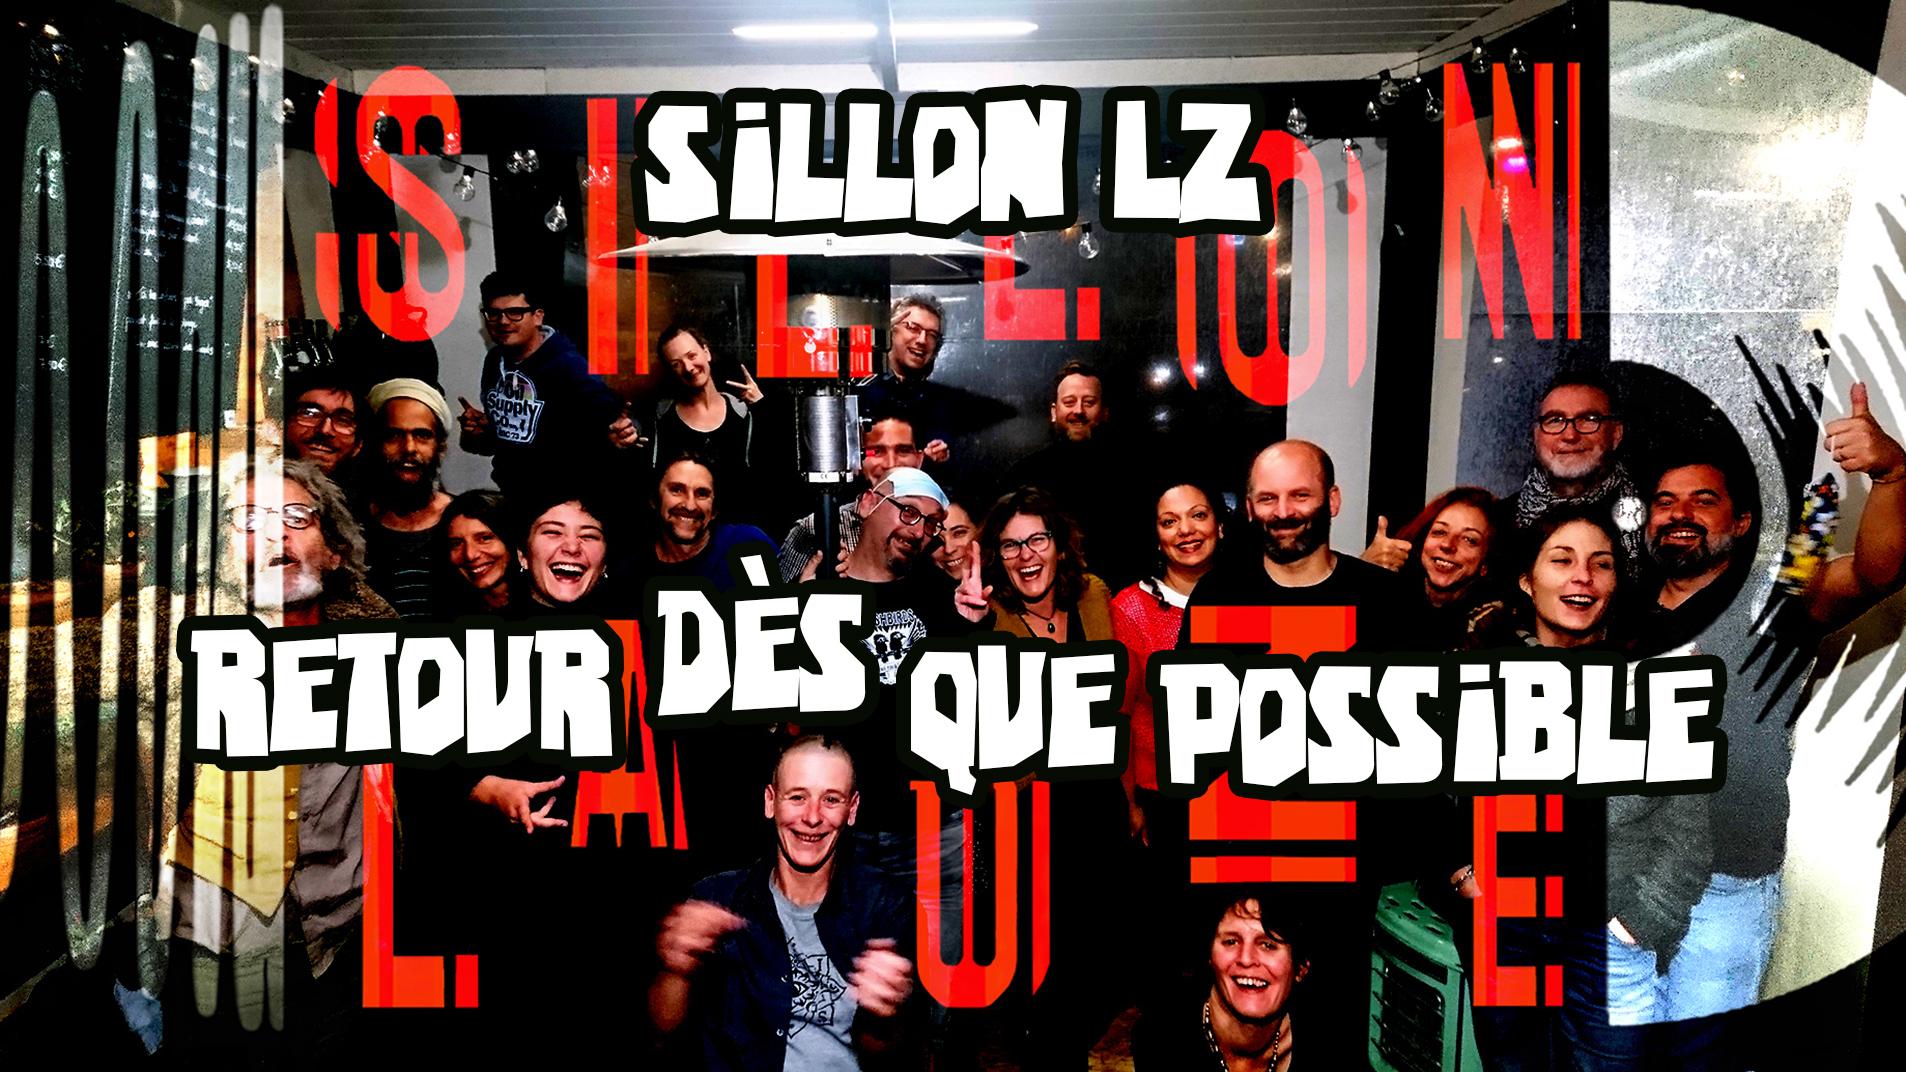 On revient dès que possible au Sillon Lauzé